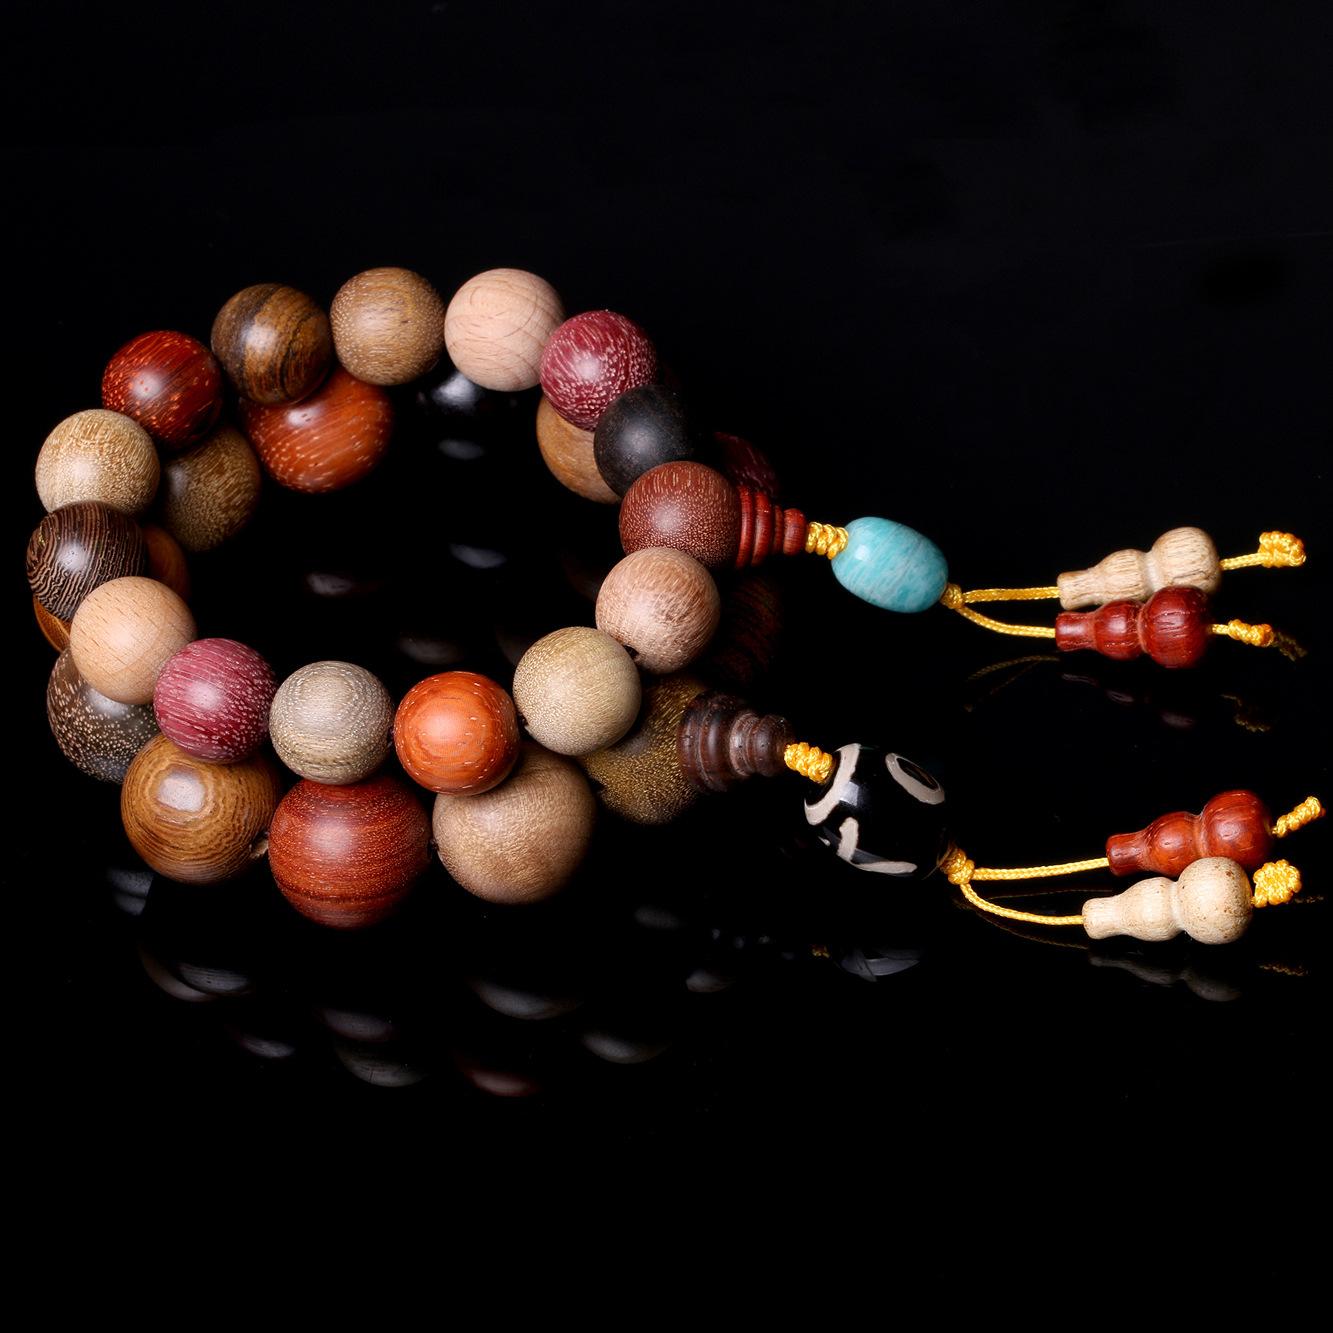 原创 多宝珠佛珠 手串 多种檀木楠木 手链 单圈 念珠手饰厂家直销